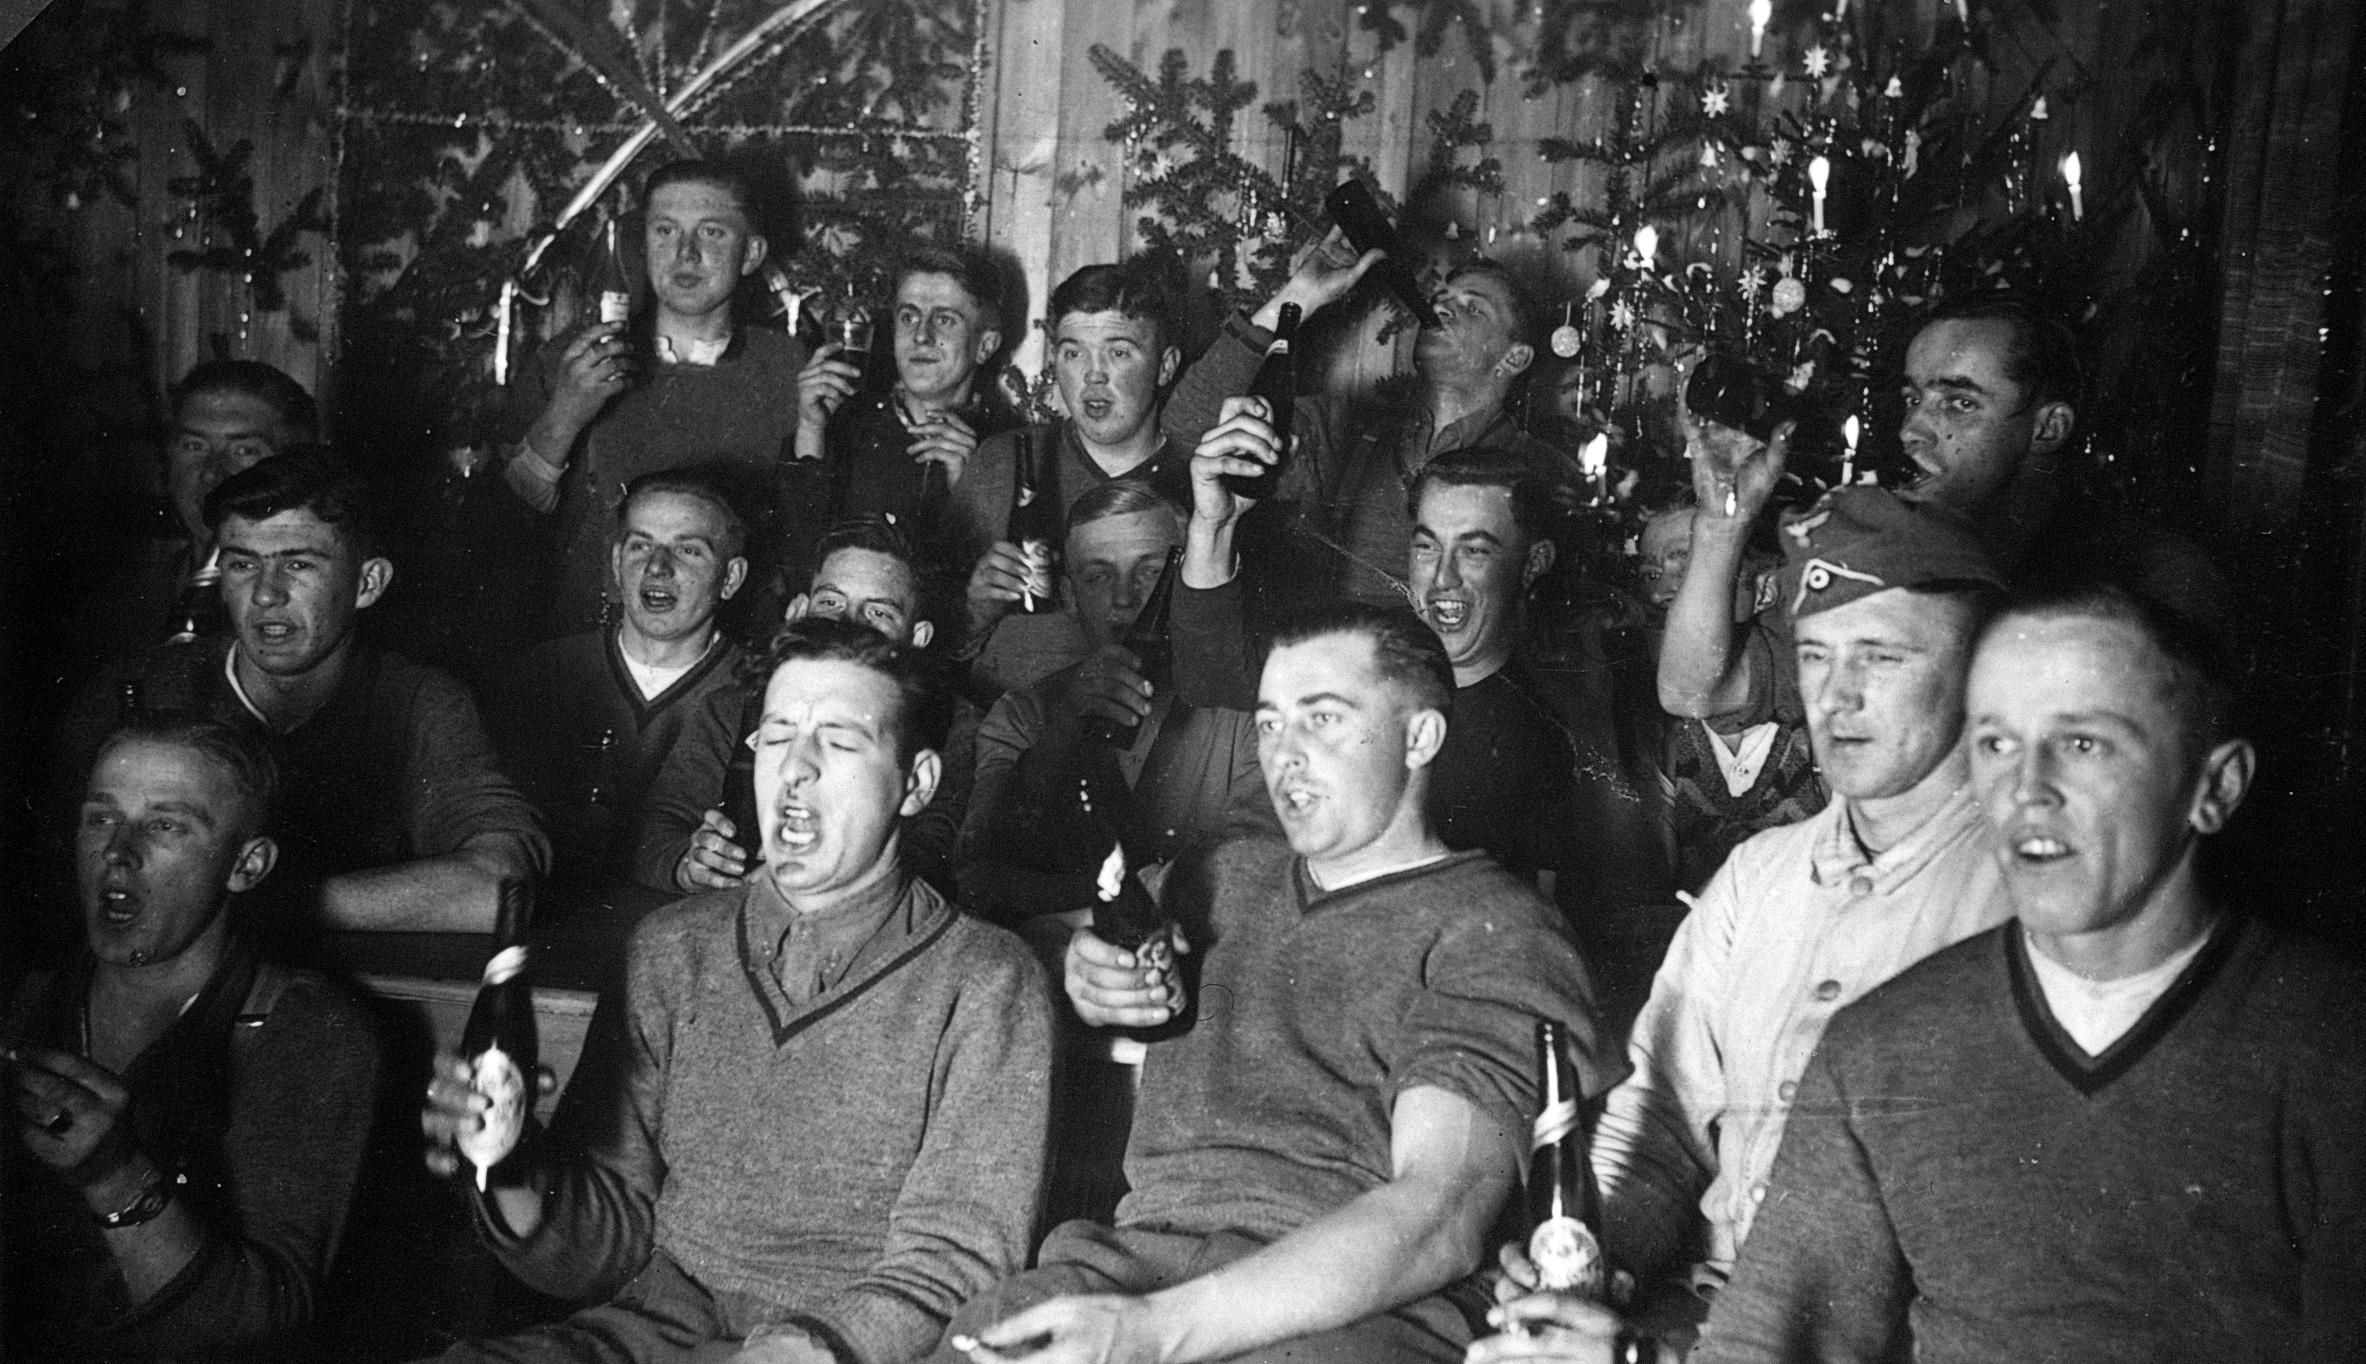 Weihnachten Wikipedia.File Infanterie Regiment 489 Weihnachten Dänemark 1940 2 By Raboe